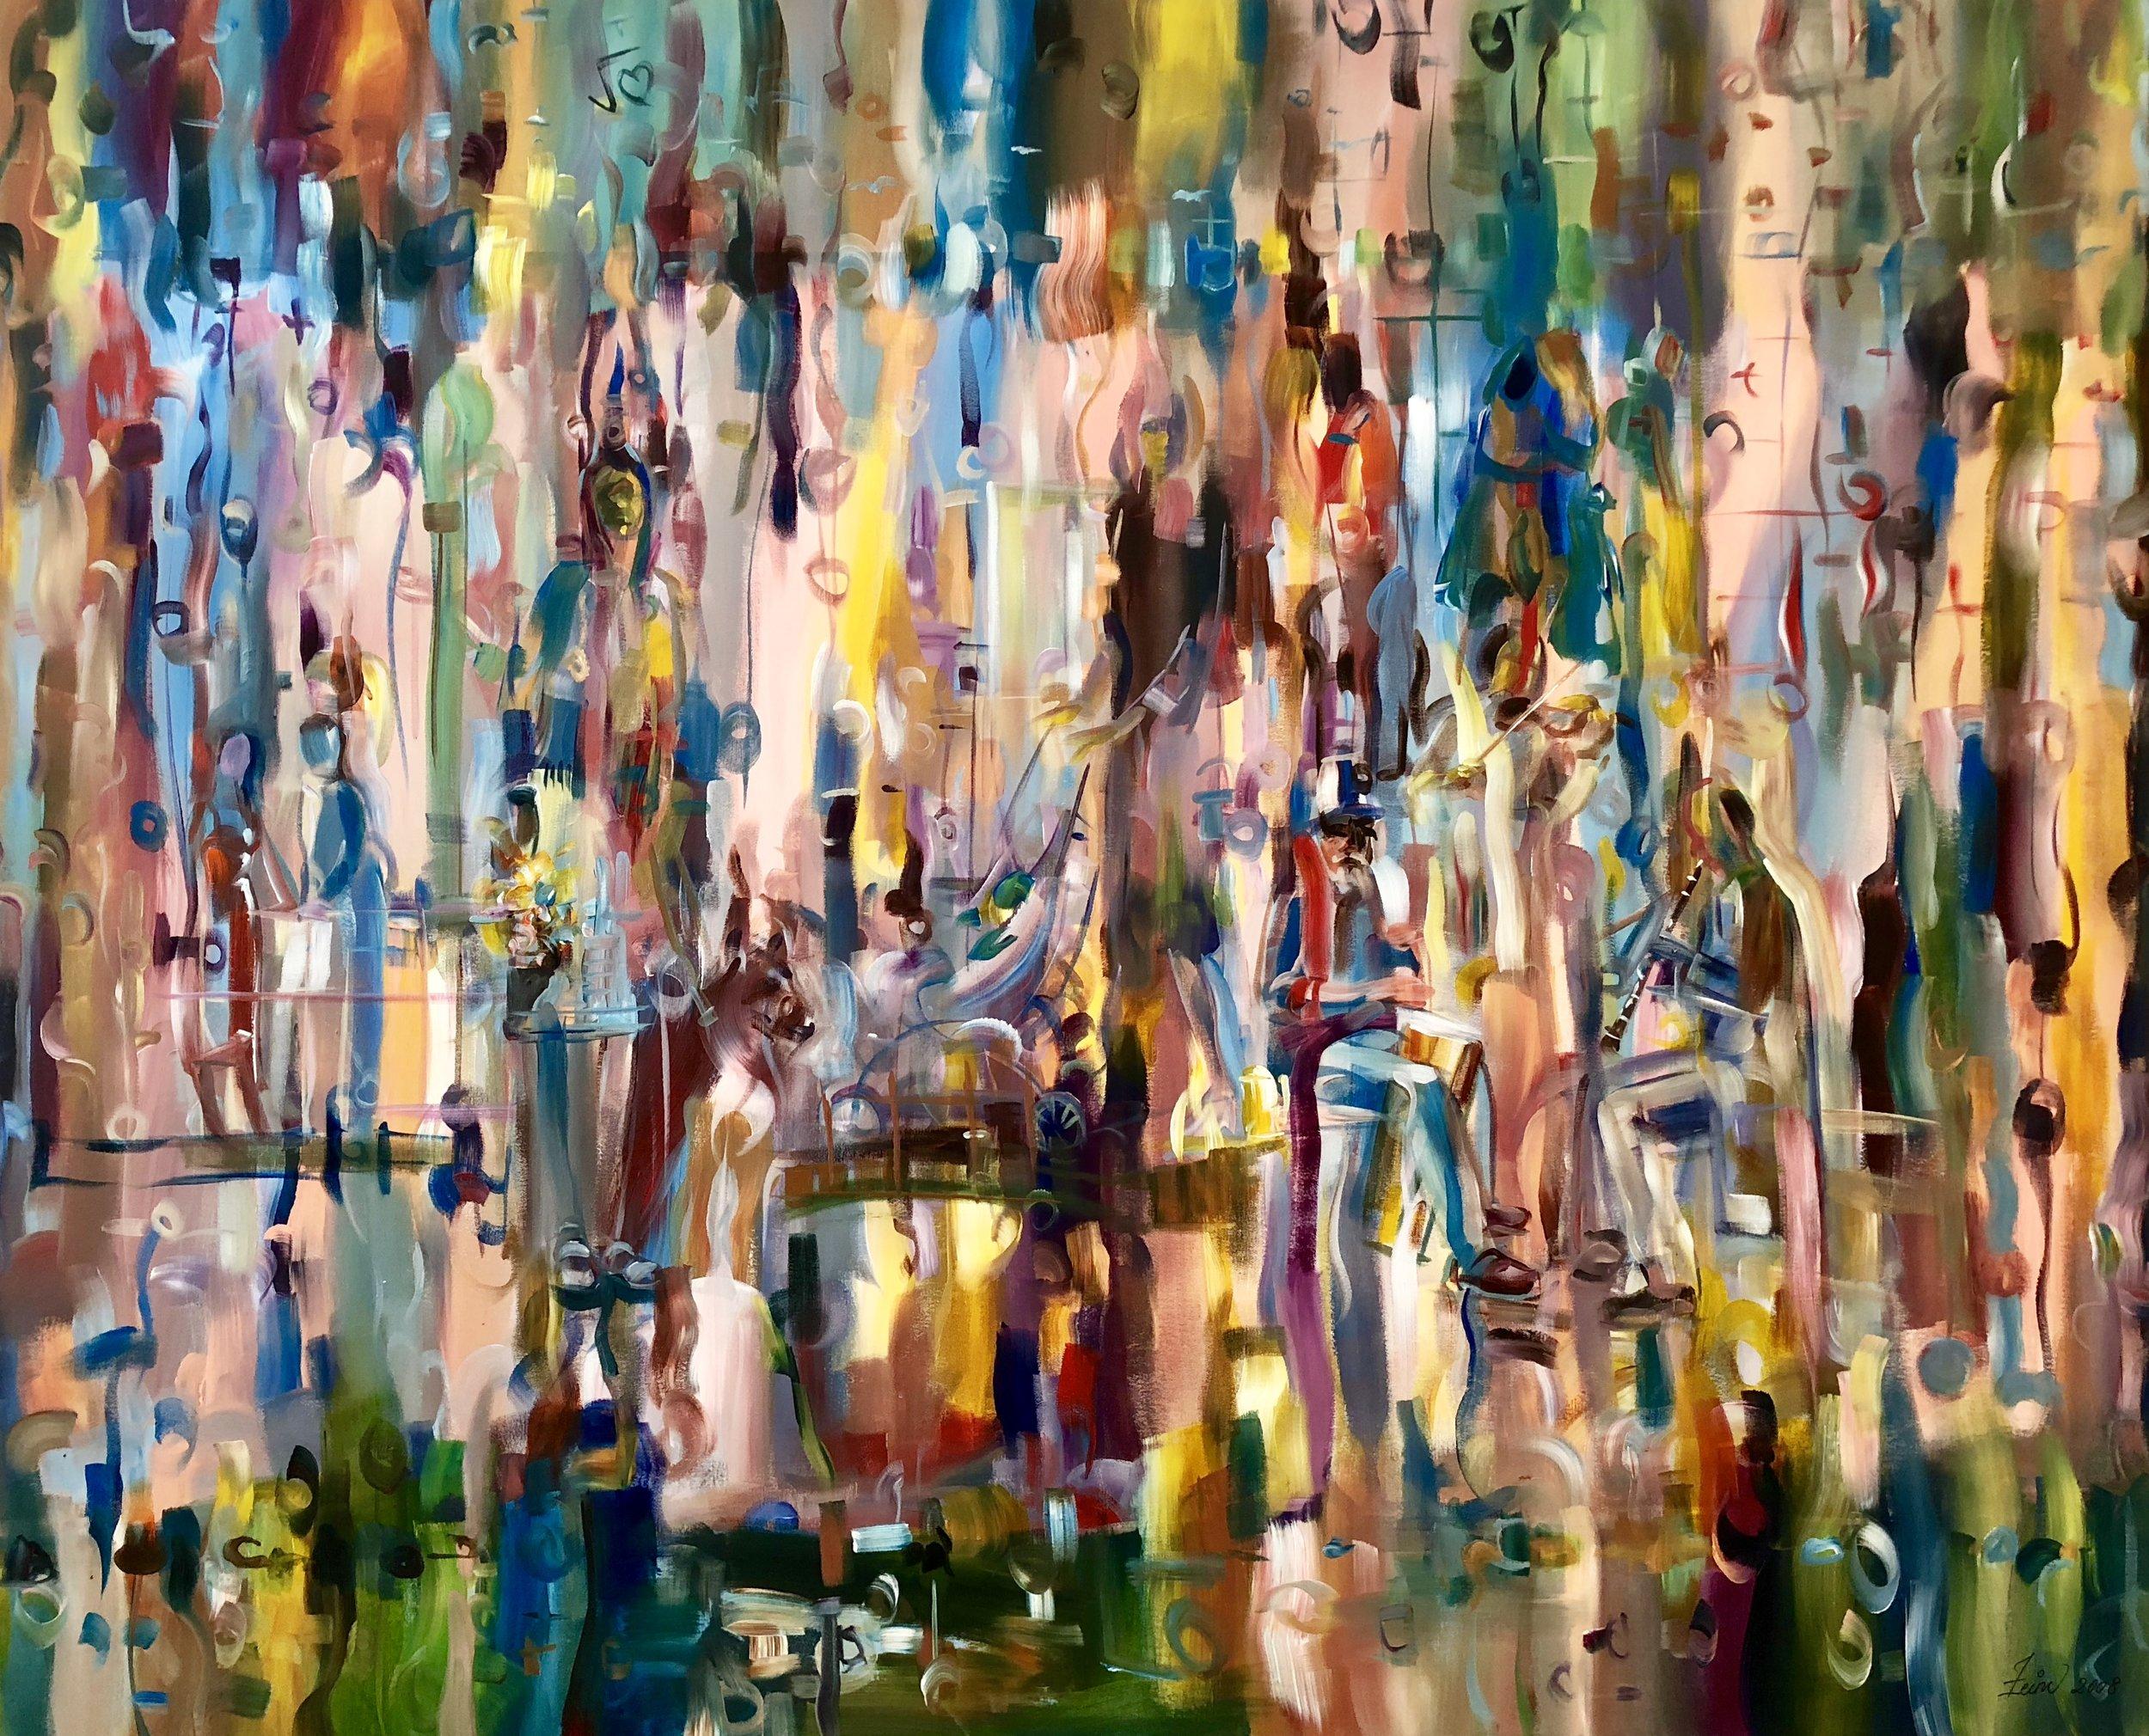 Art Village Gallery, Zeinu Mudeser, _Happy Days_ 60x48 in - acrylic on canvas-$7200.jpg